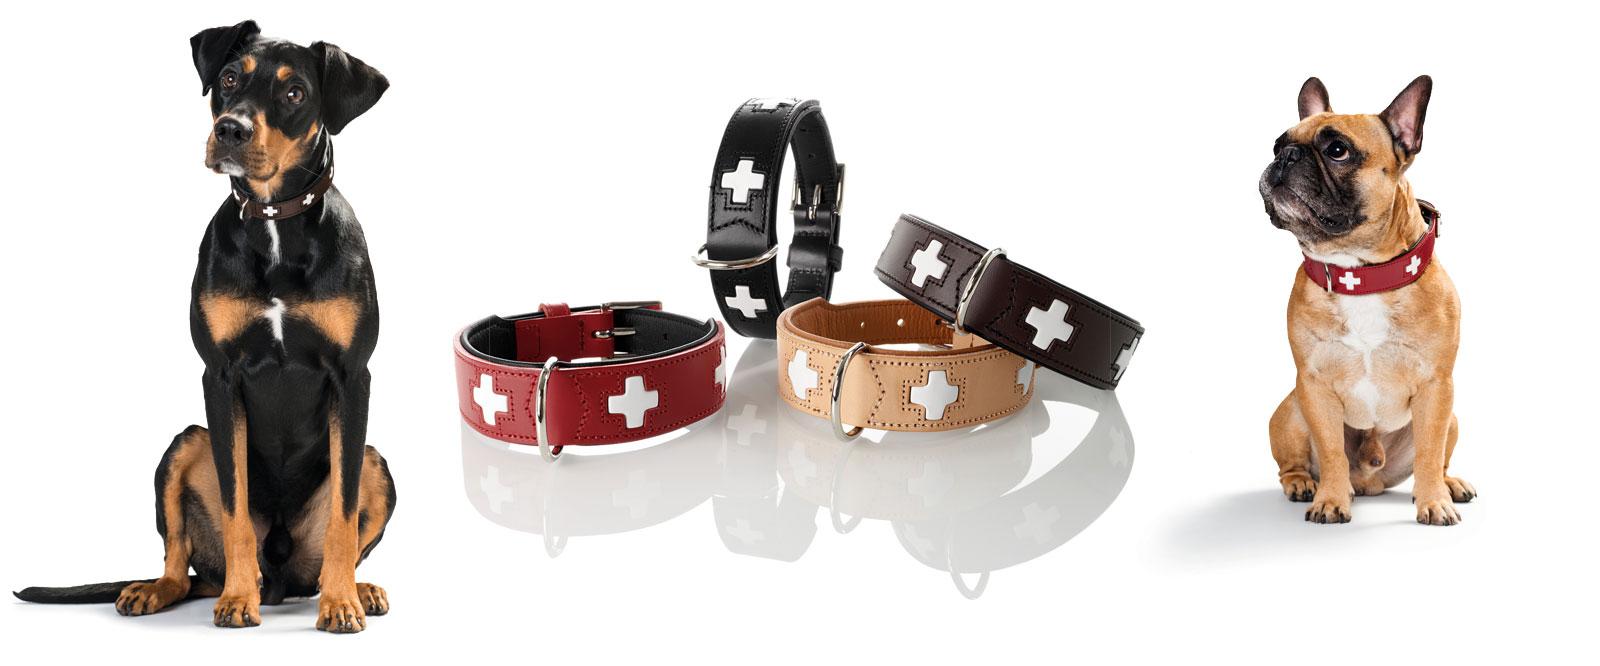 Hunter Swiss Hundehalsbänder und Hundeleinen, Bild 4